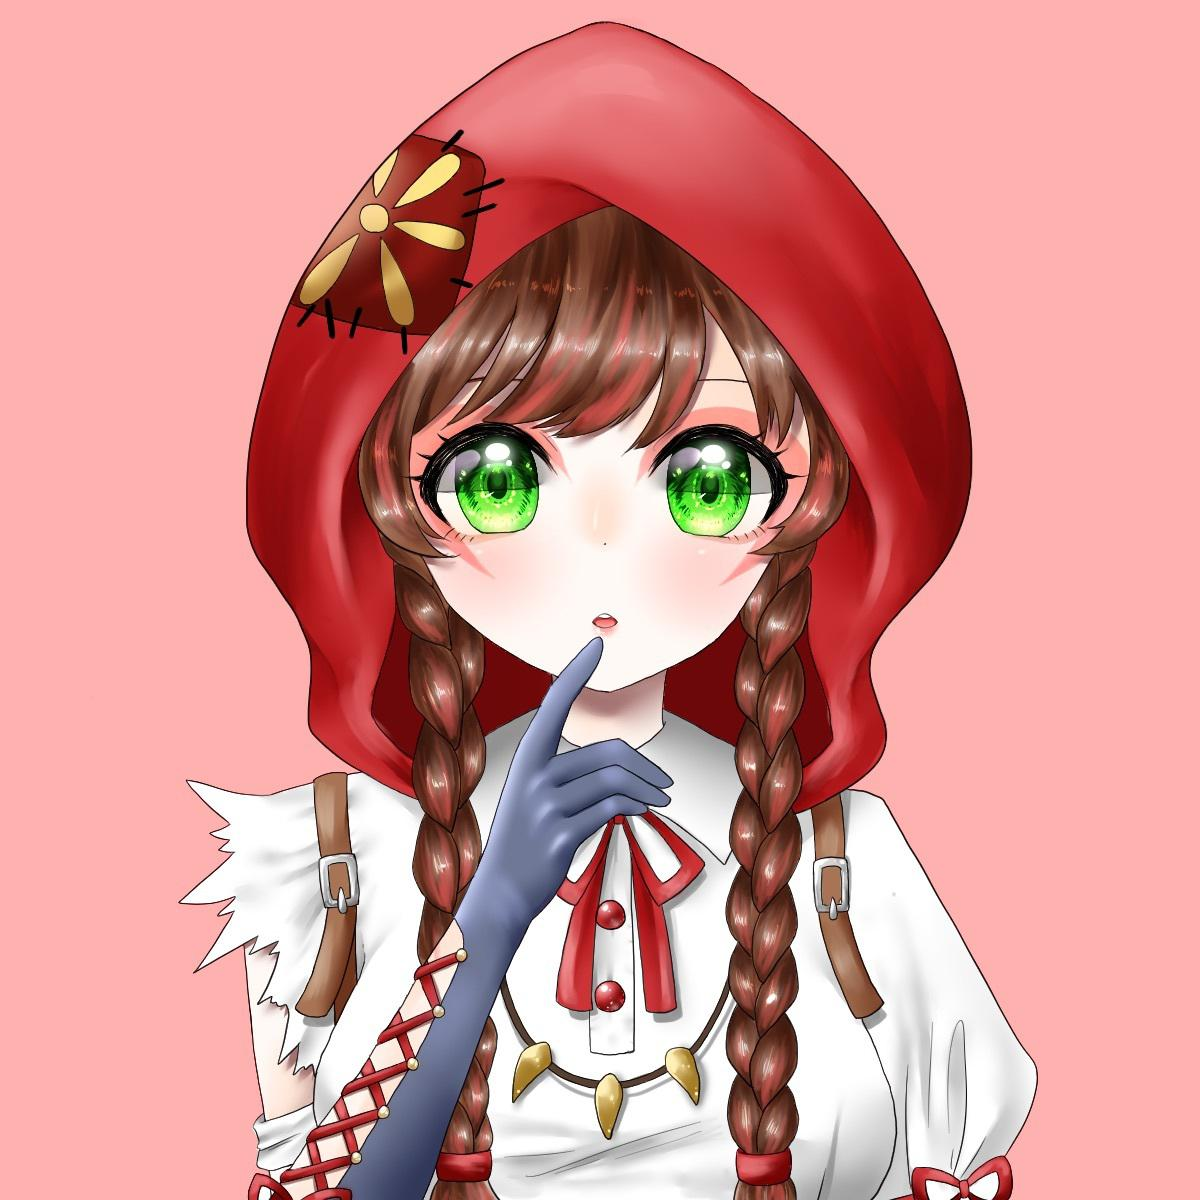 SNSのアイコンなどに♡可愛い女の子描きます ゆるふわ、キラキラな女の子を可愛くお描きします♡